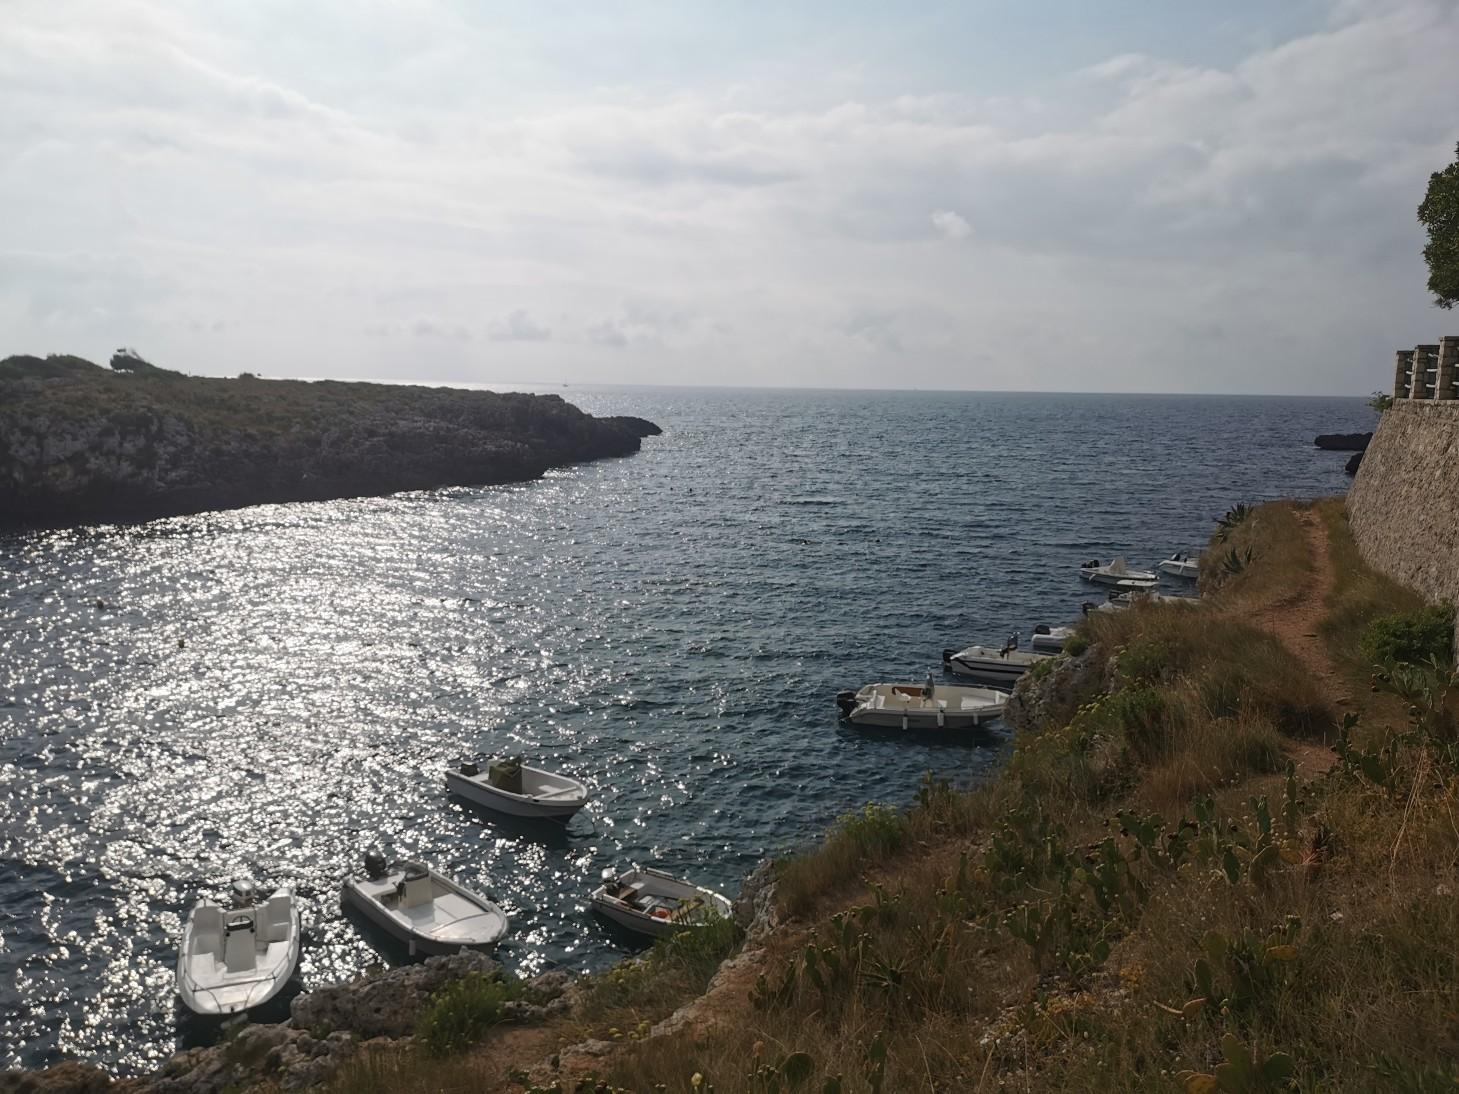 エメラルドグリーンの入り江と丘の上の塔~プーリア滞在記_f0106597_04510786.jpg